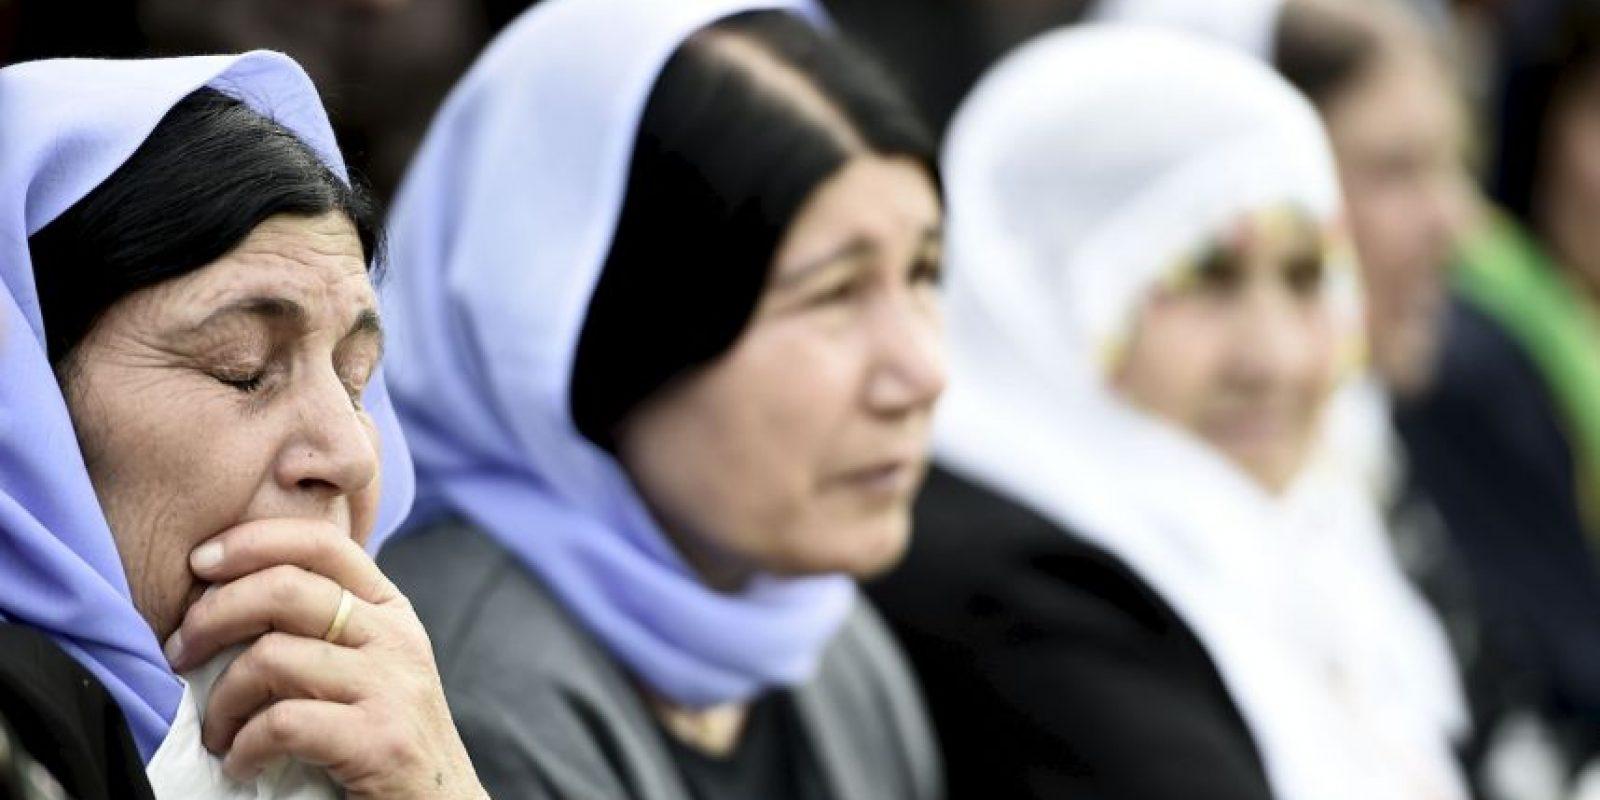 Y aseguró que estaría interesado en establecer una base de datos para ubicar a todos los musulmanes en el país. Foto:Getty Images